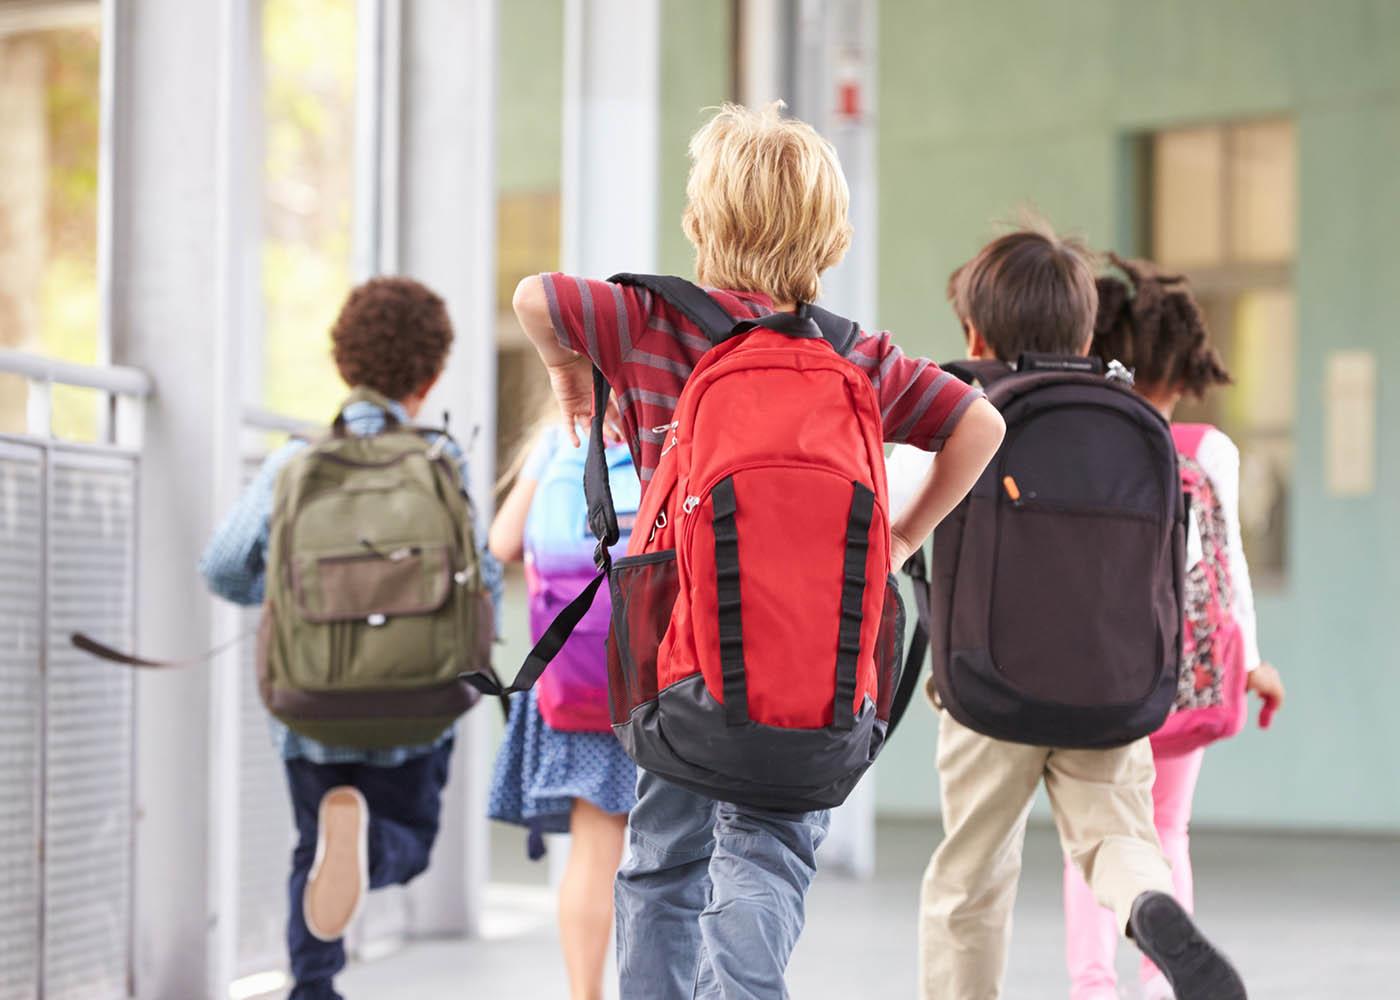 jovens mochila escola